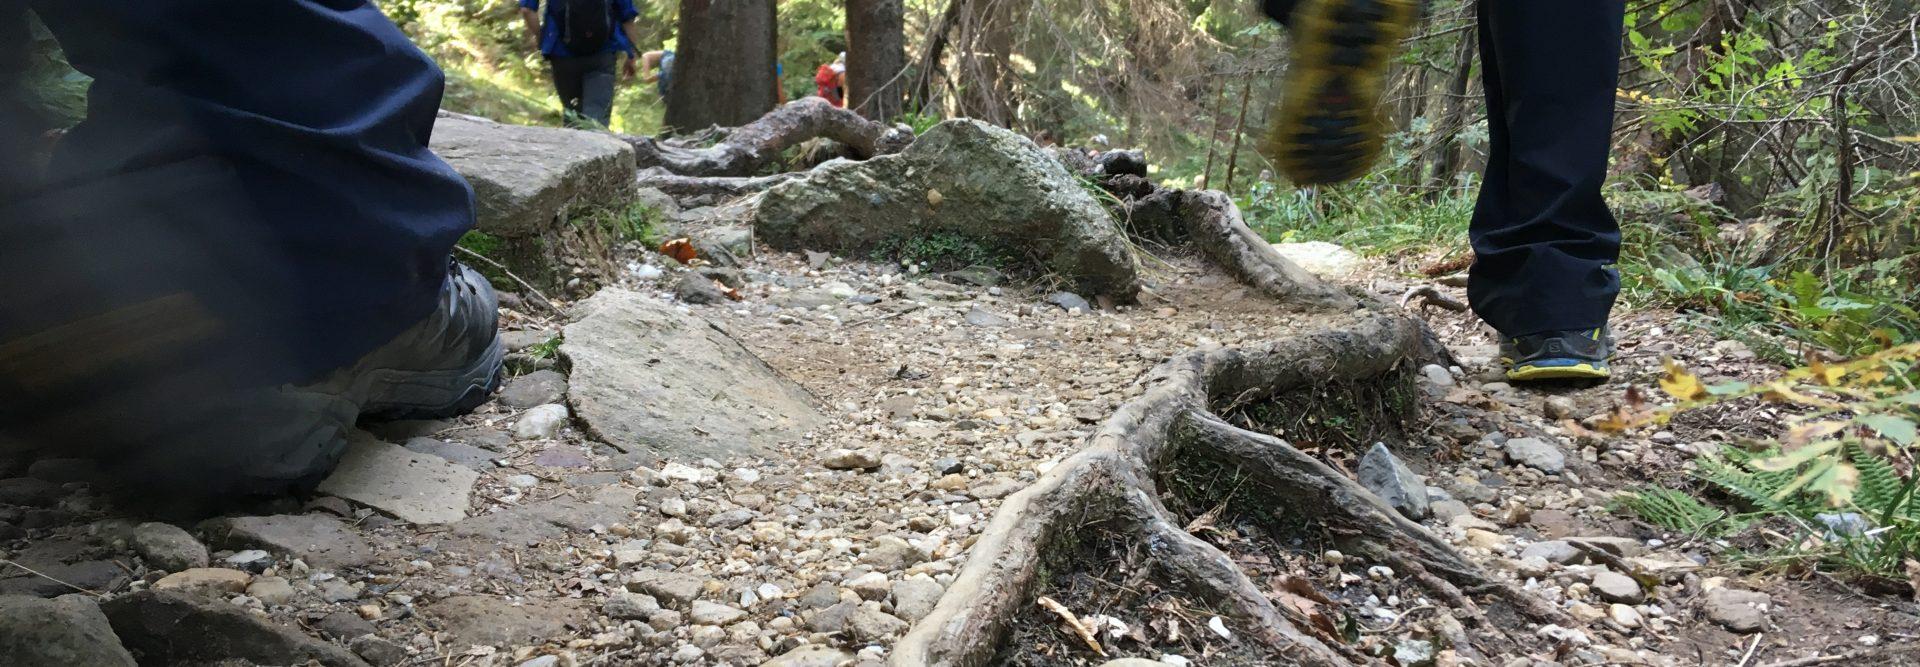 Wanderer auf steinigem Wanderweg